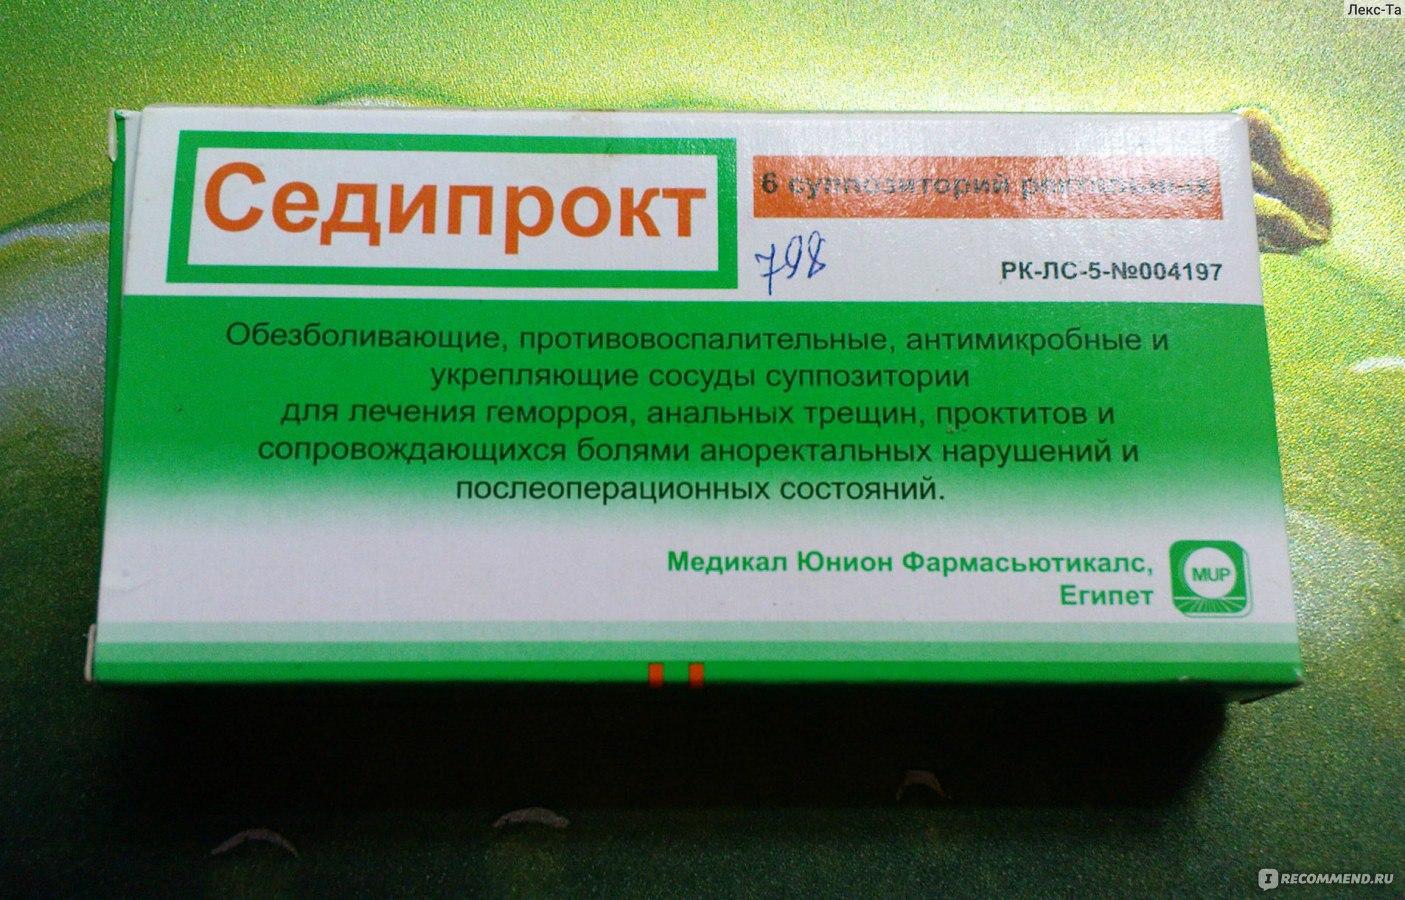 Лечение геморроя 4 клиники в Новосибирске отзывов цены на услуги рейтинг